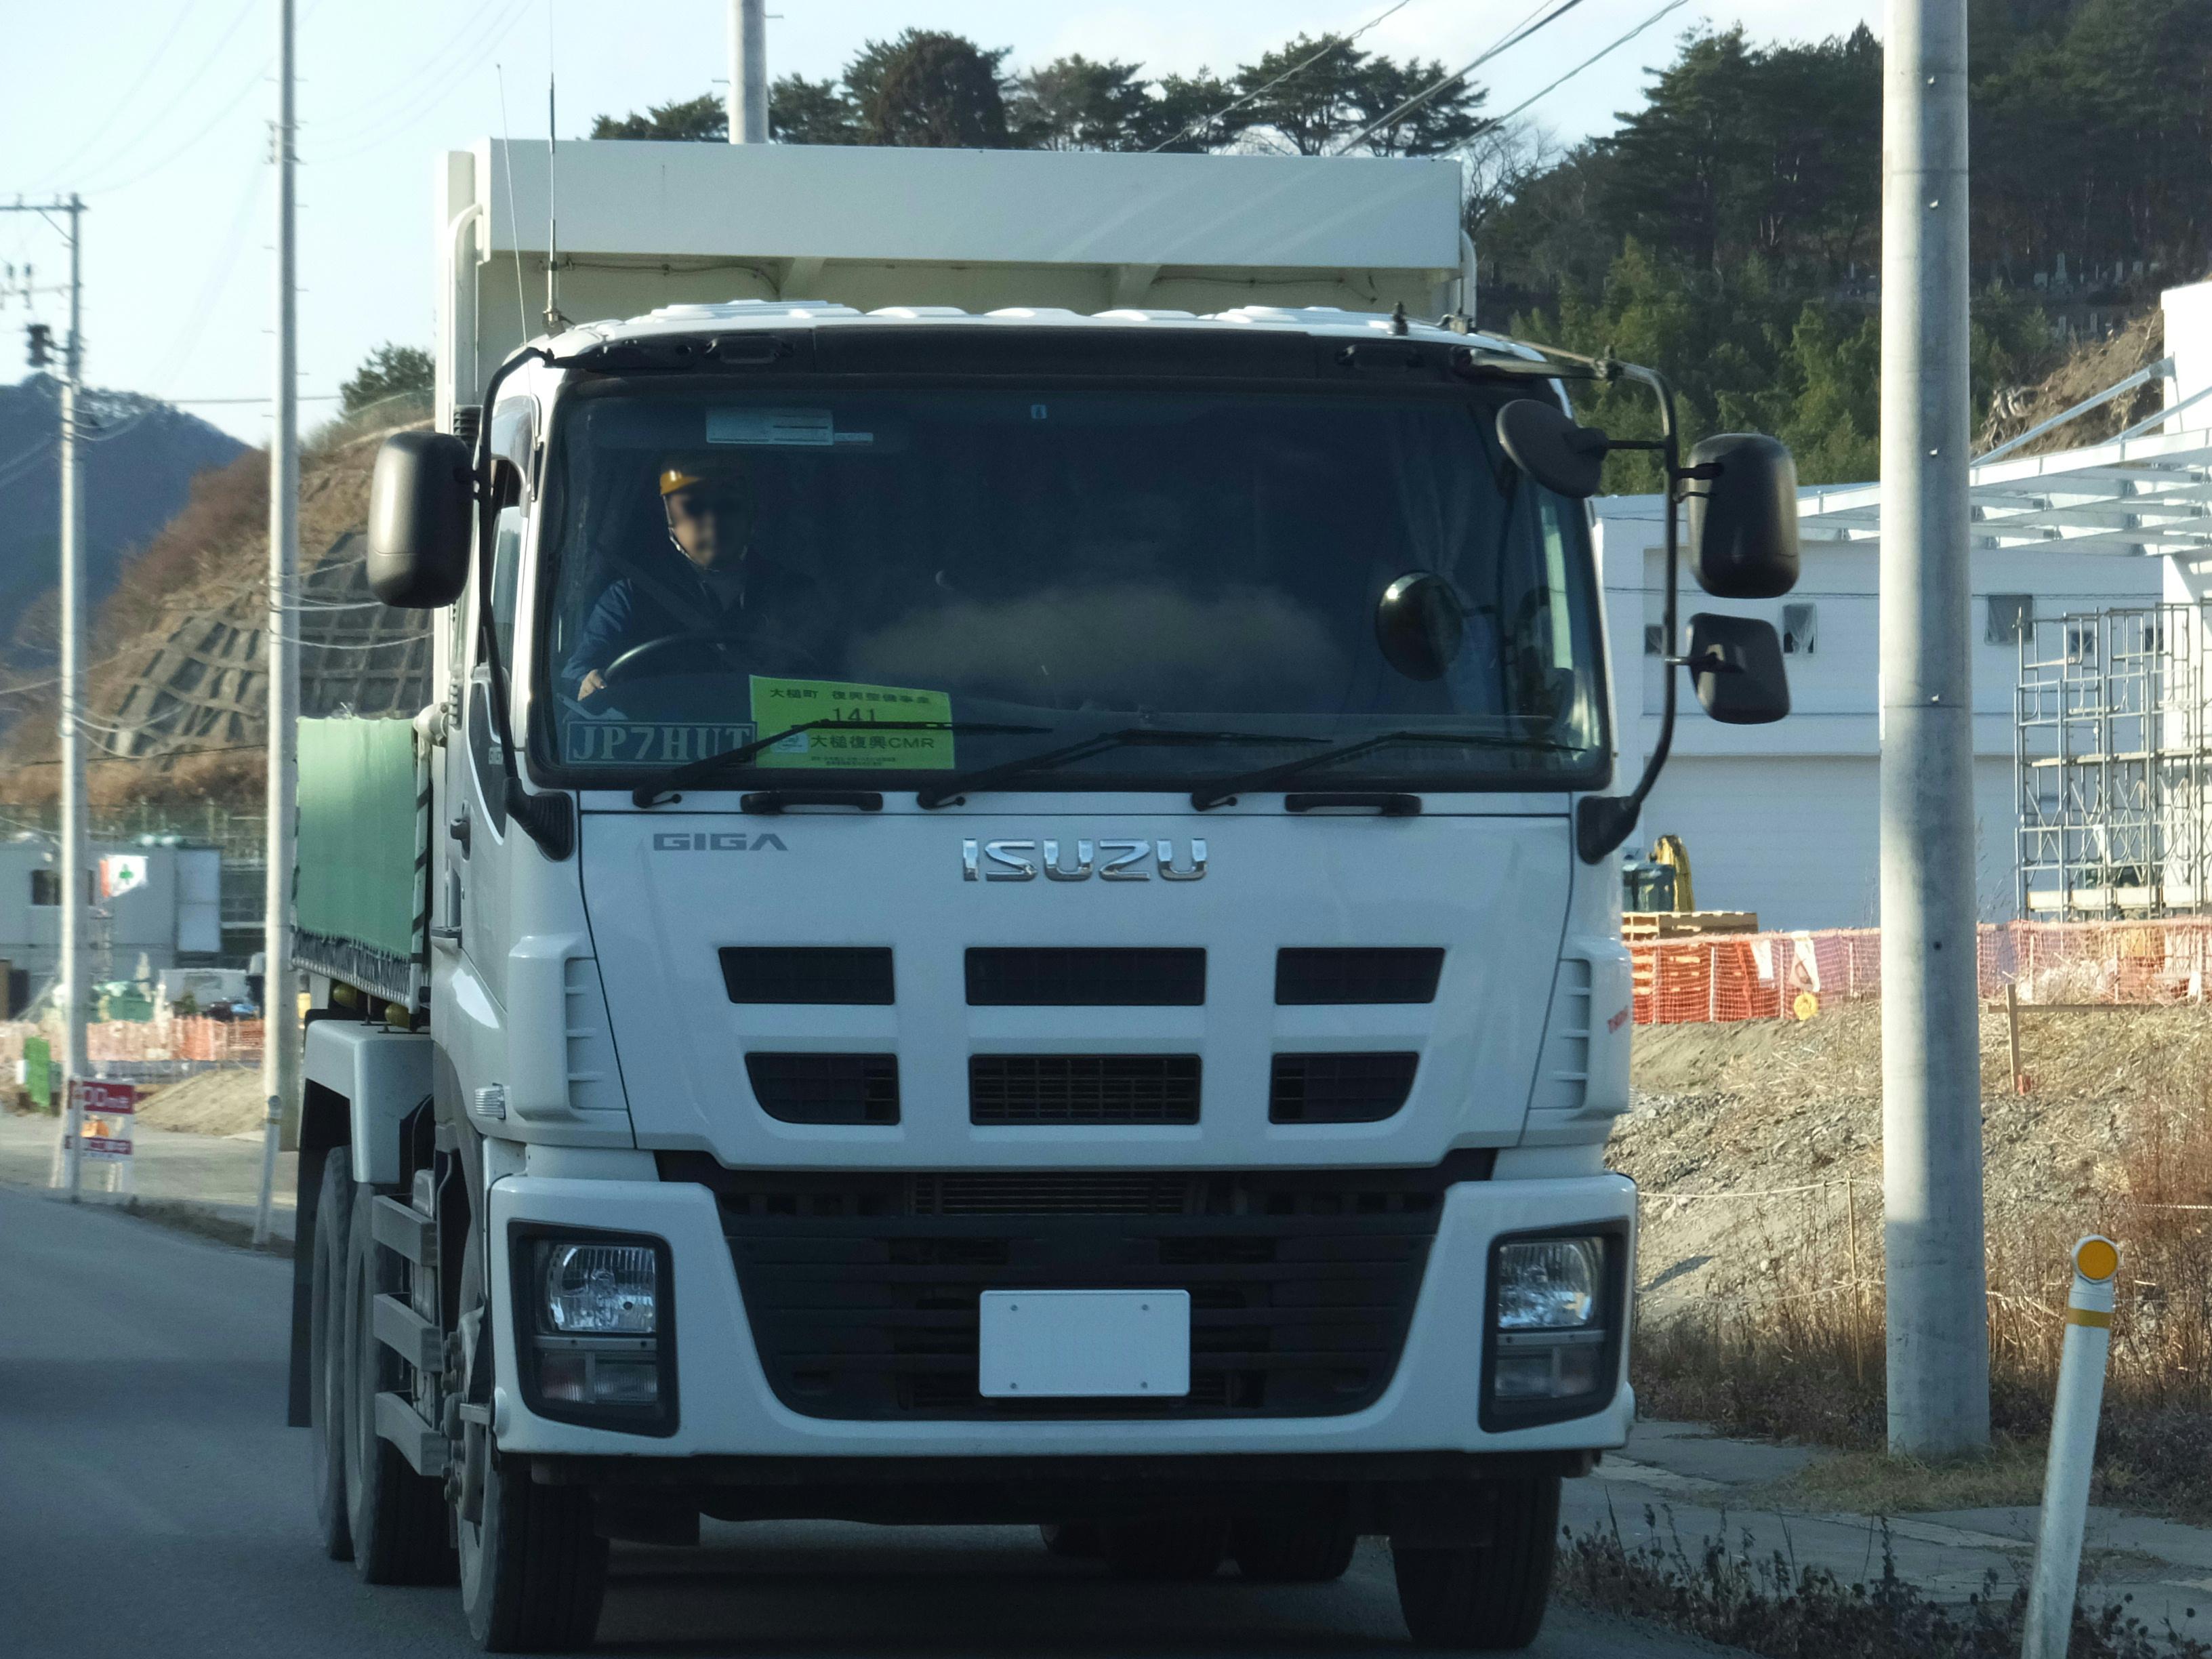 File:Isuzu GIGA, Dump Truck, White